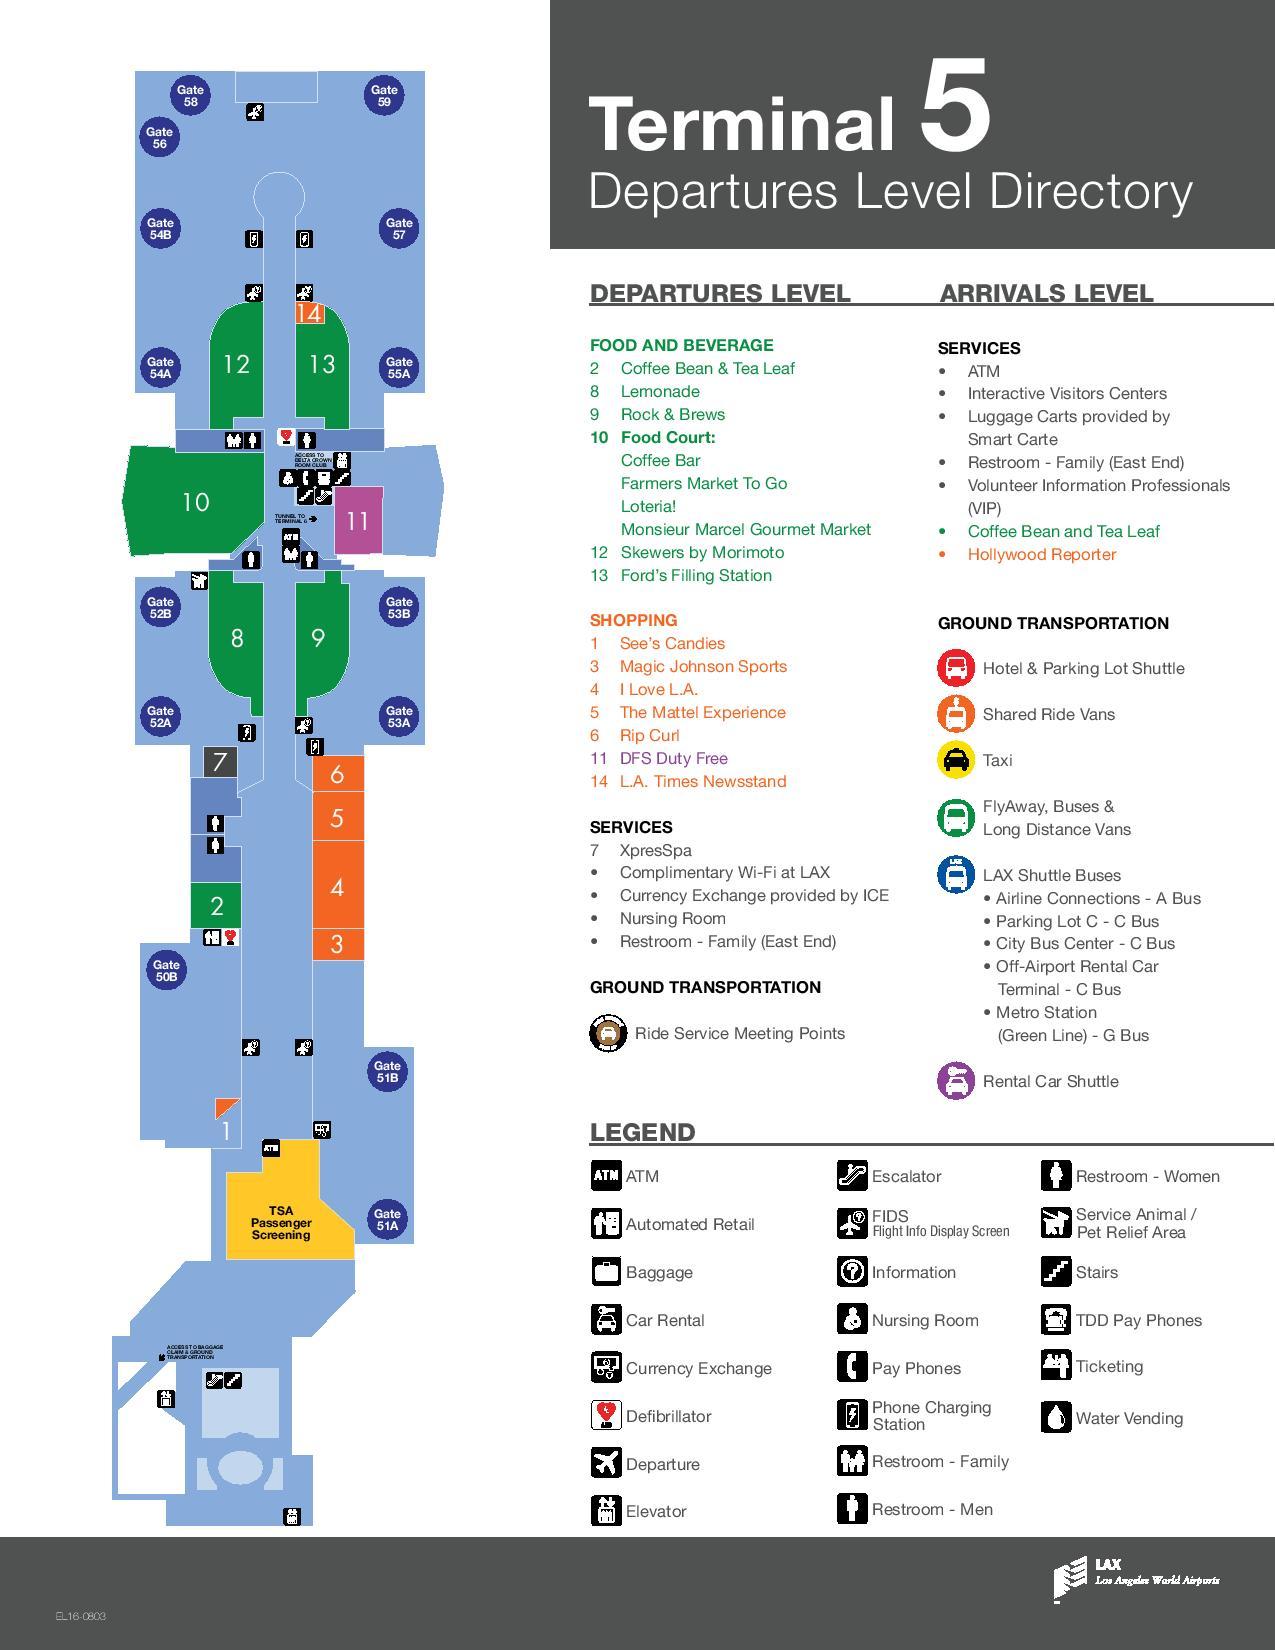 Mapa de la T5 del aeropuerto de Los Angeles LAX